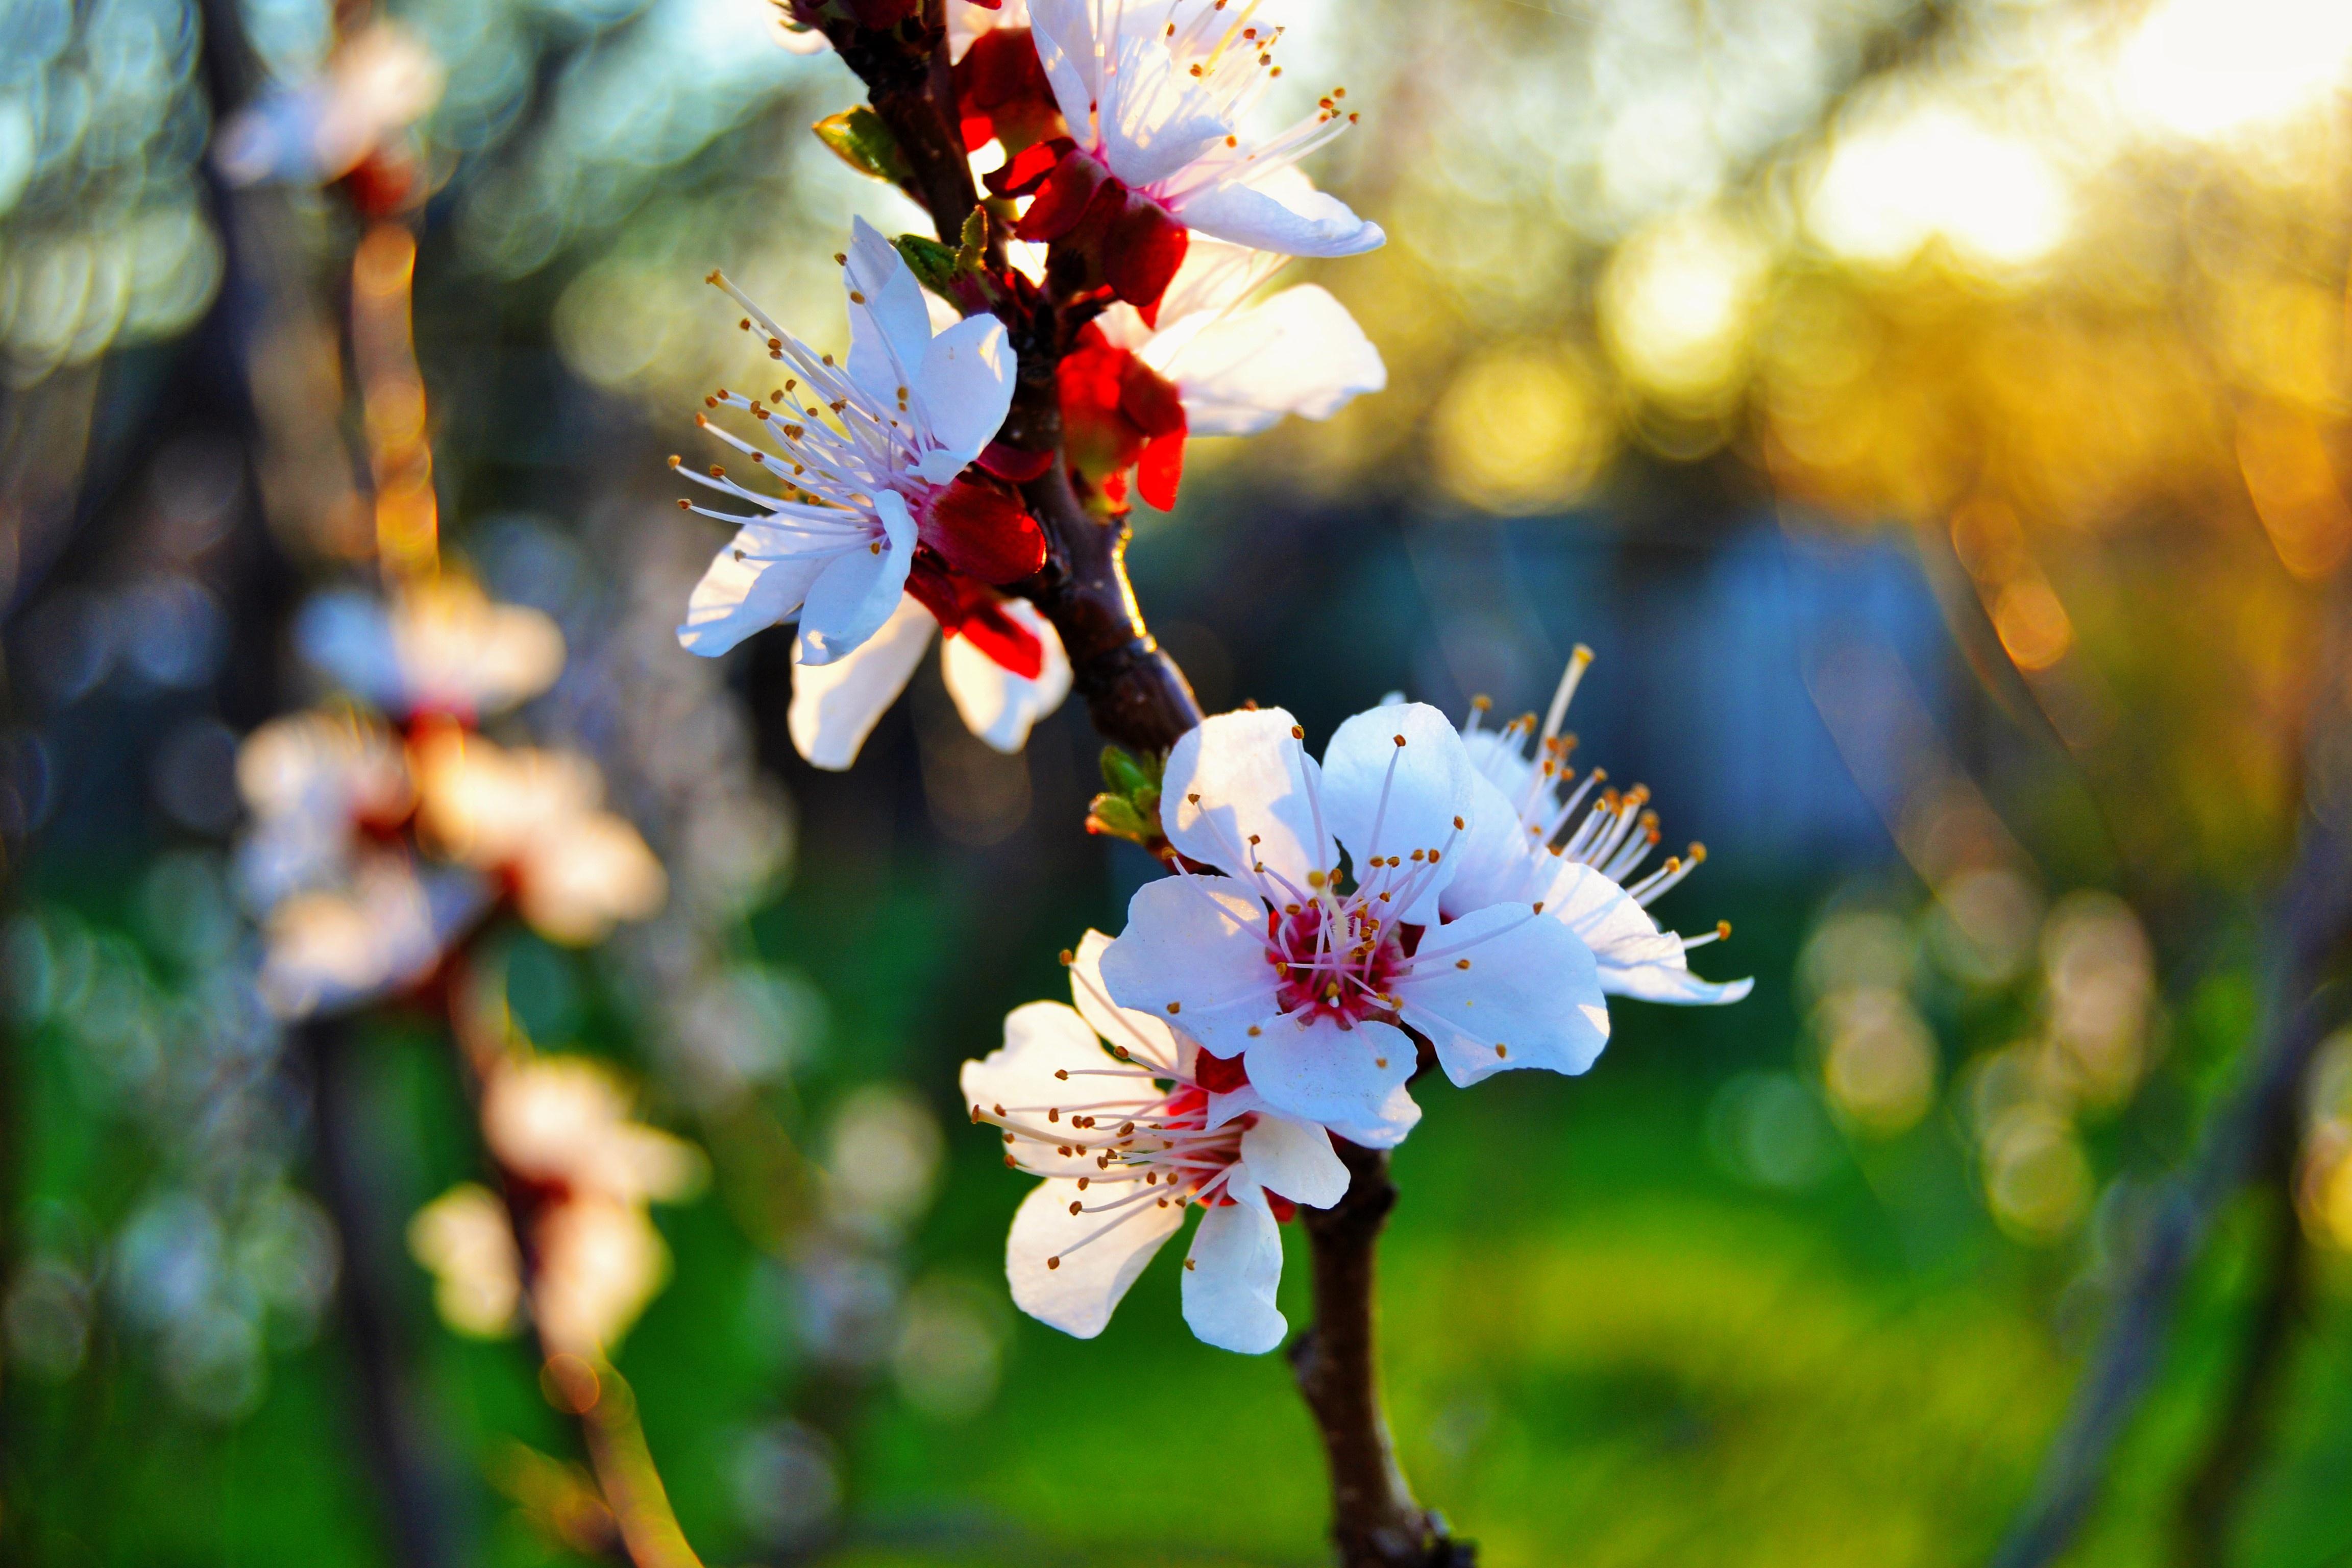 обои цветущие деревья для рабочего стола № 431676 бесплатно